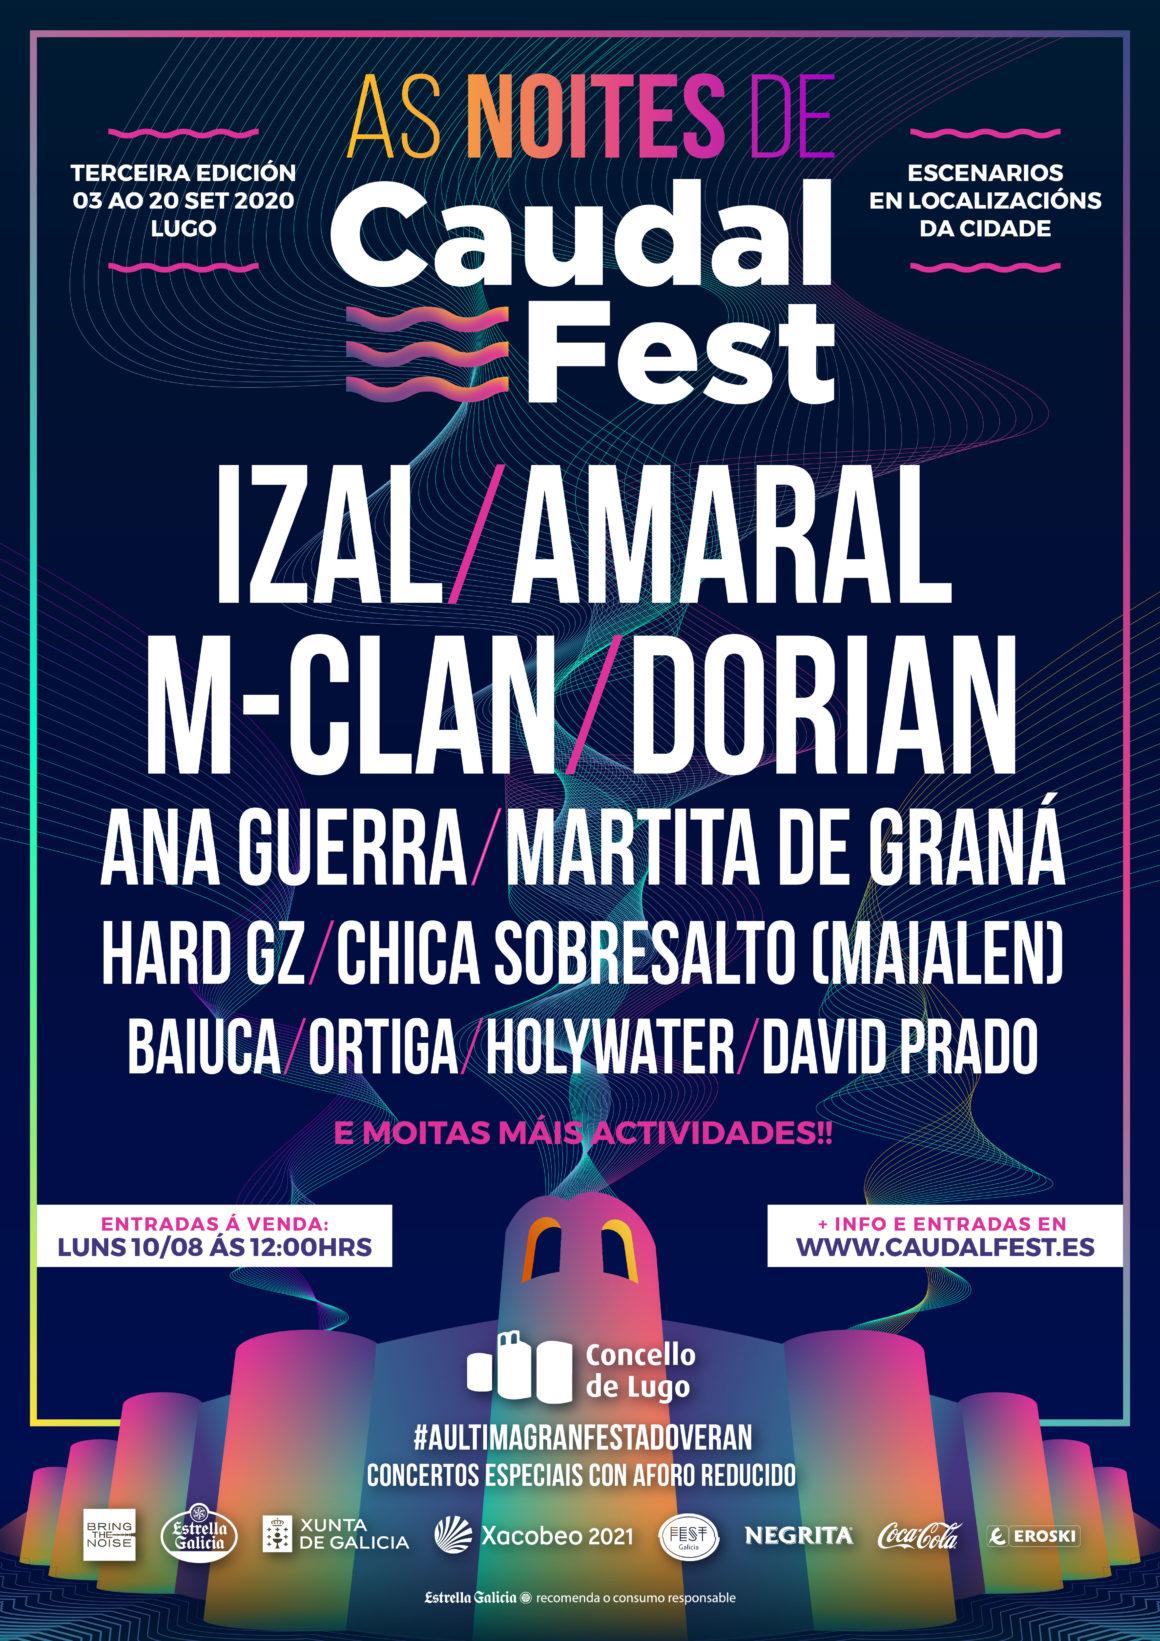 Presentamos As Noites de Caudal Fest: un ciclo de conciertos seguros y de aforo reducido en Lugo en septiembre